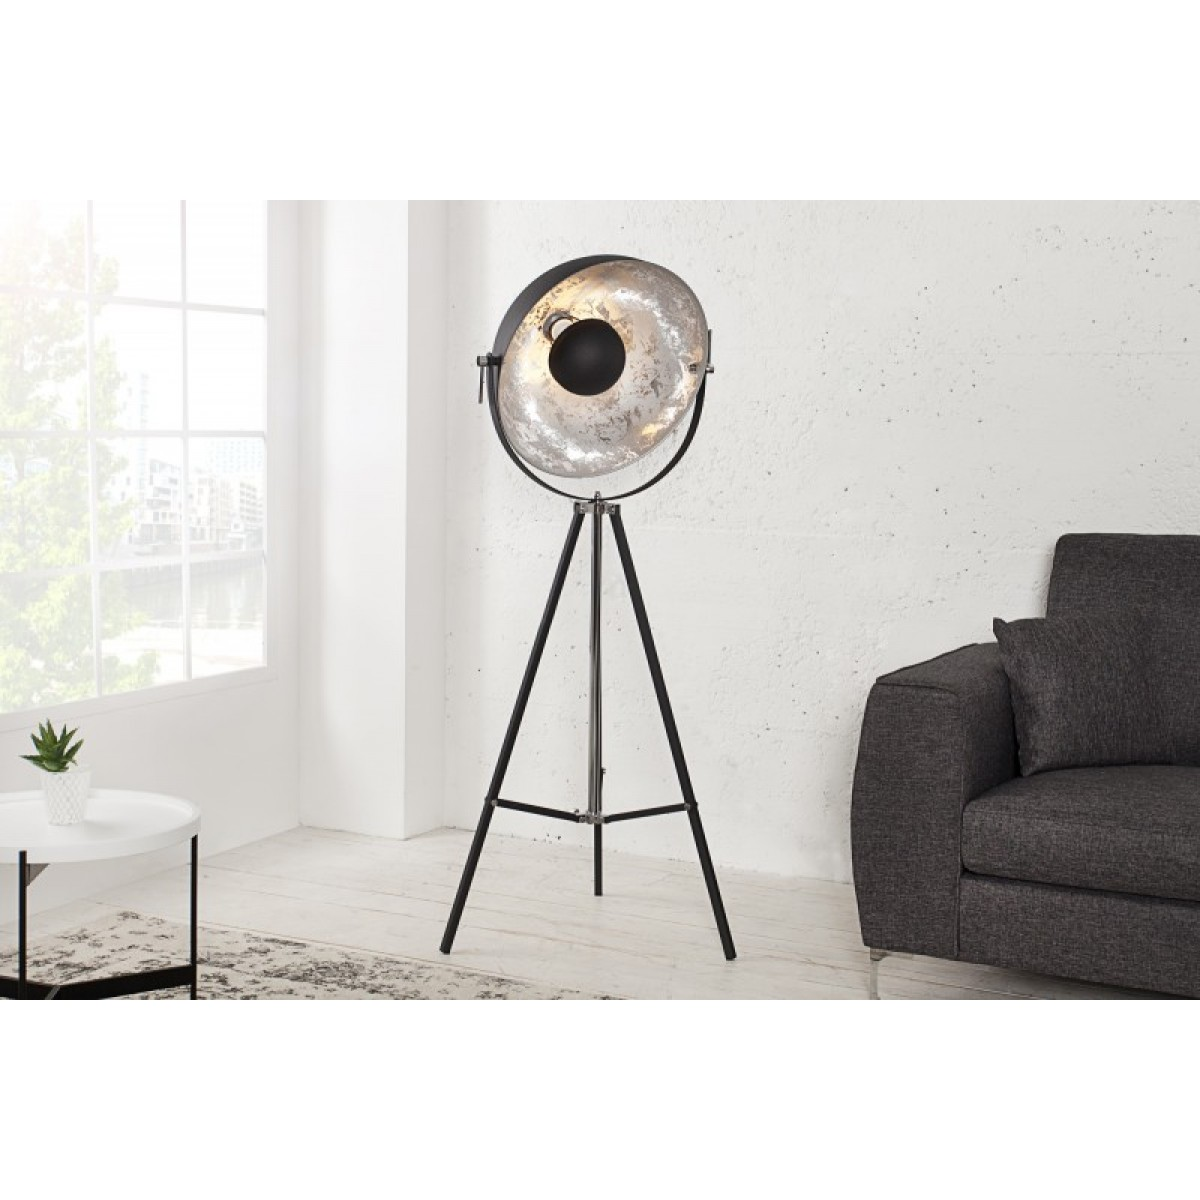 Stehleuchte Spot Schwarz Silber Stehlampe Schwarz Industrie